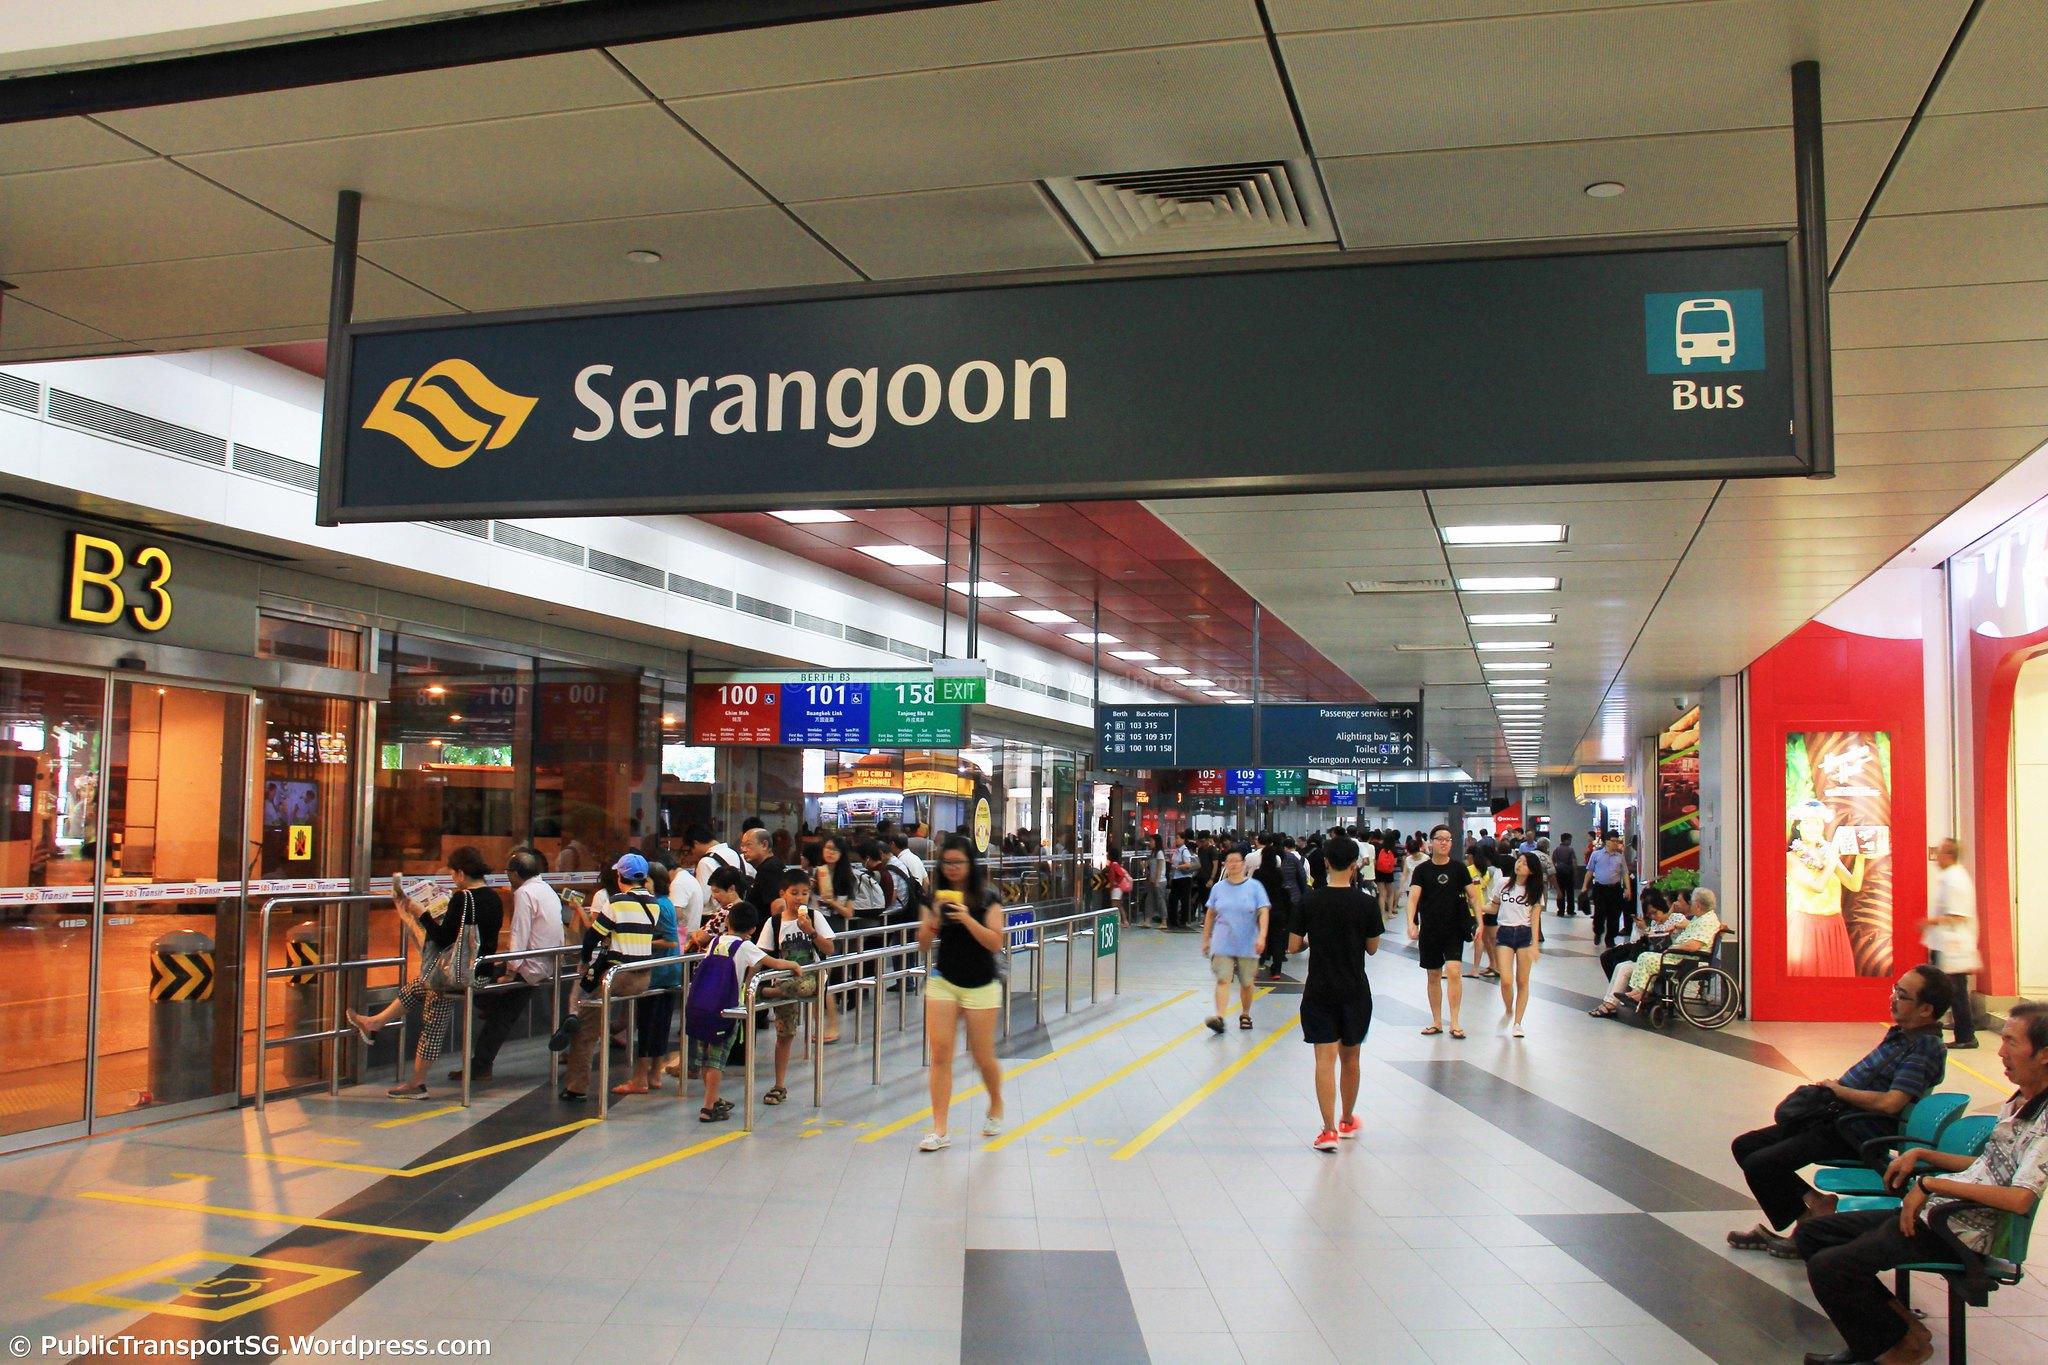 Serangoon Sign